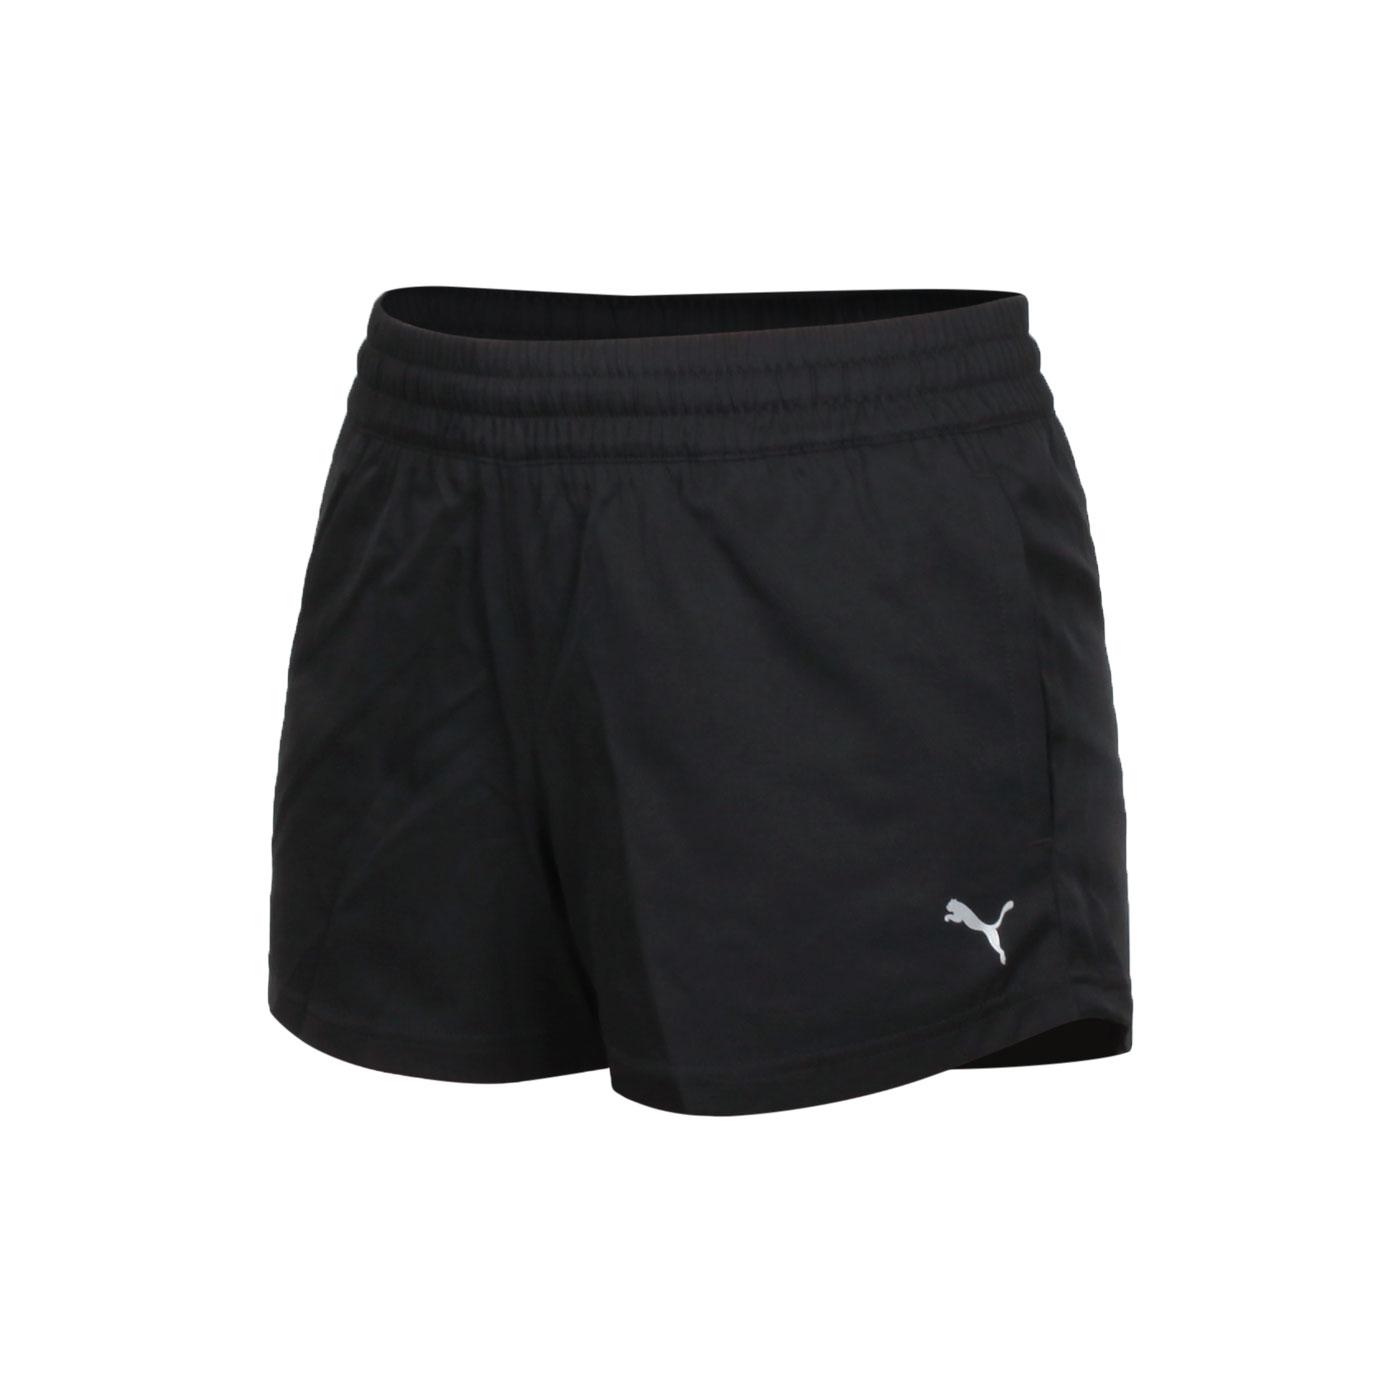 PUMA 訓練系列ESS女款3吋短風褲 52031201 - 黑白